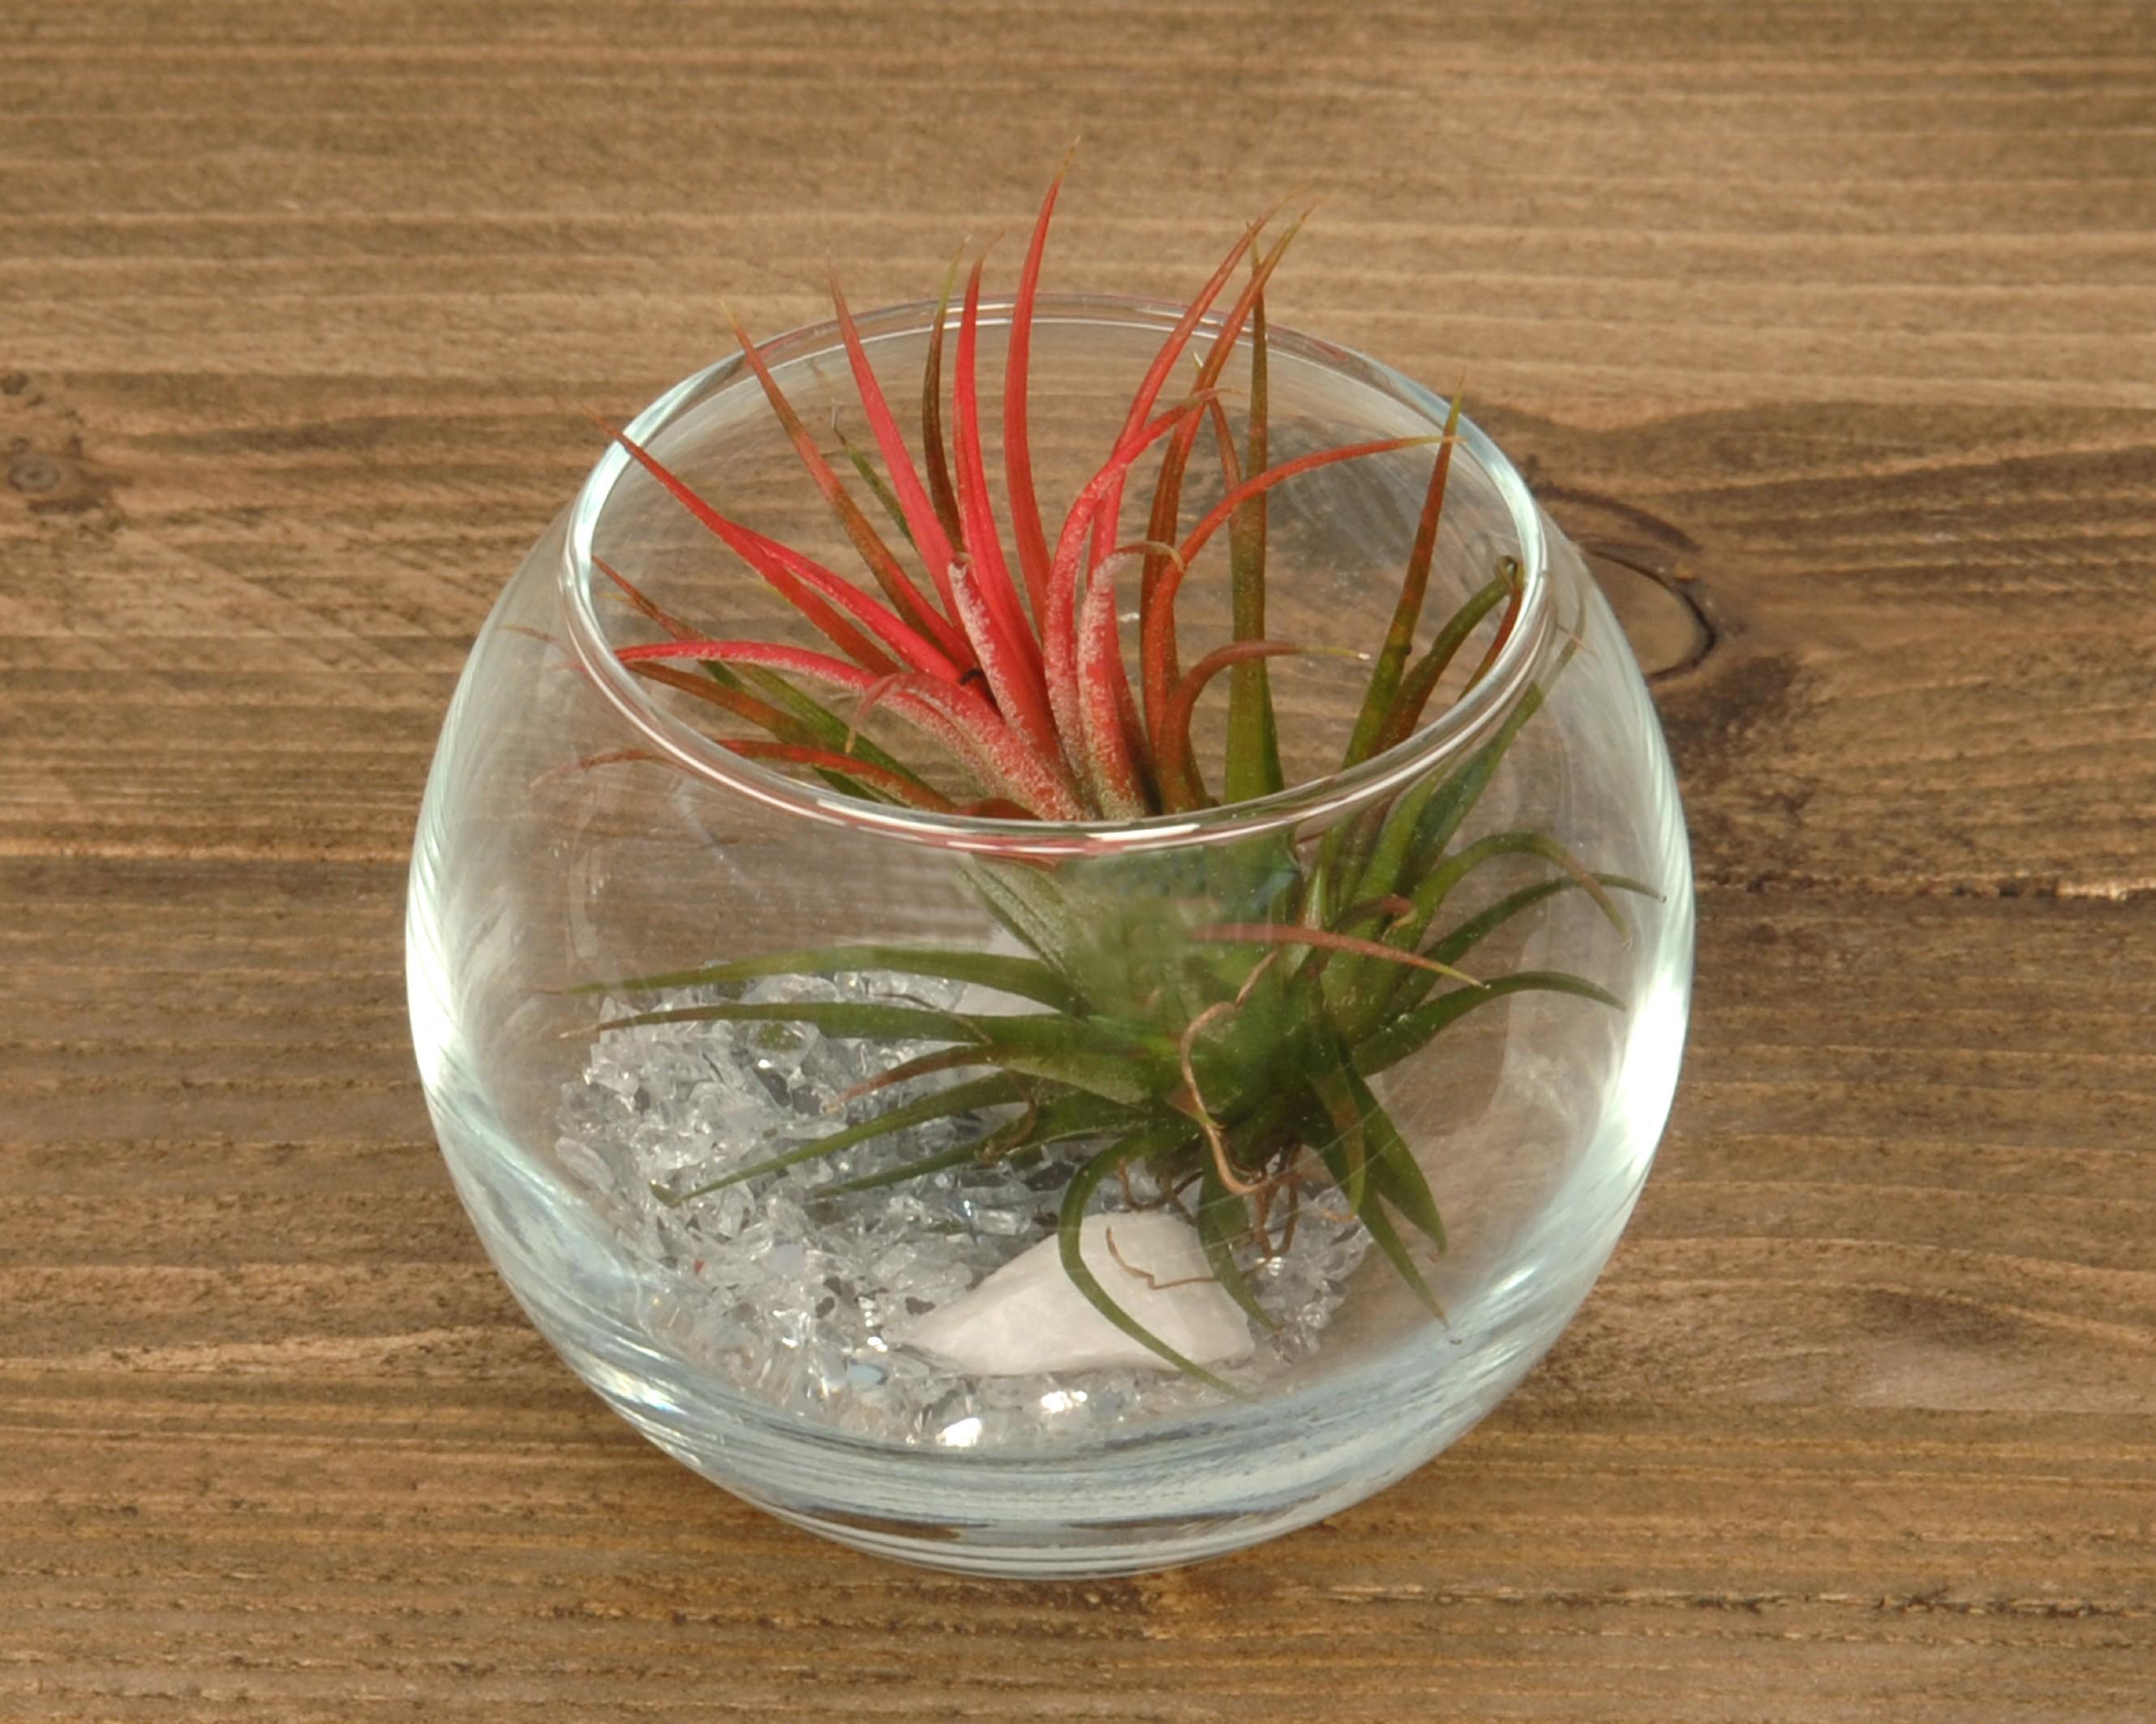 tillandsien im glas sphere small corsa webshop luchtplantjes en tillandsia. Black Bedroom Furniture Sets. Home Design Ideas